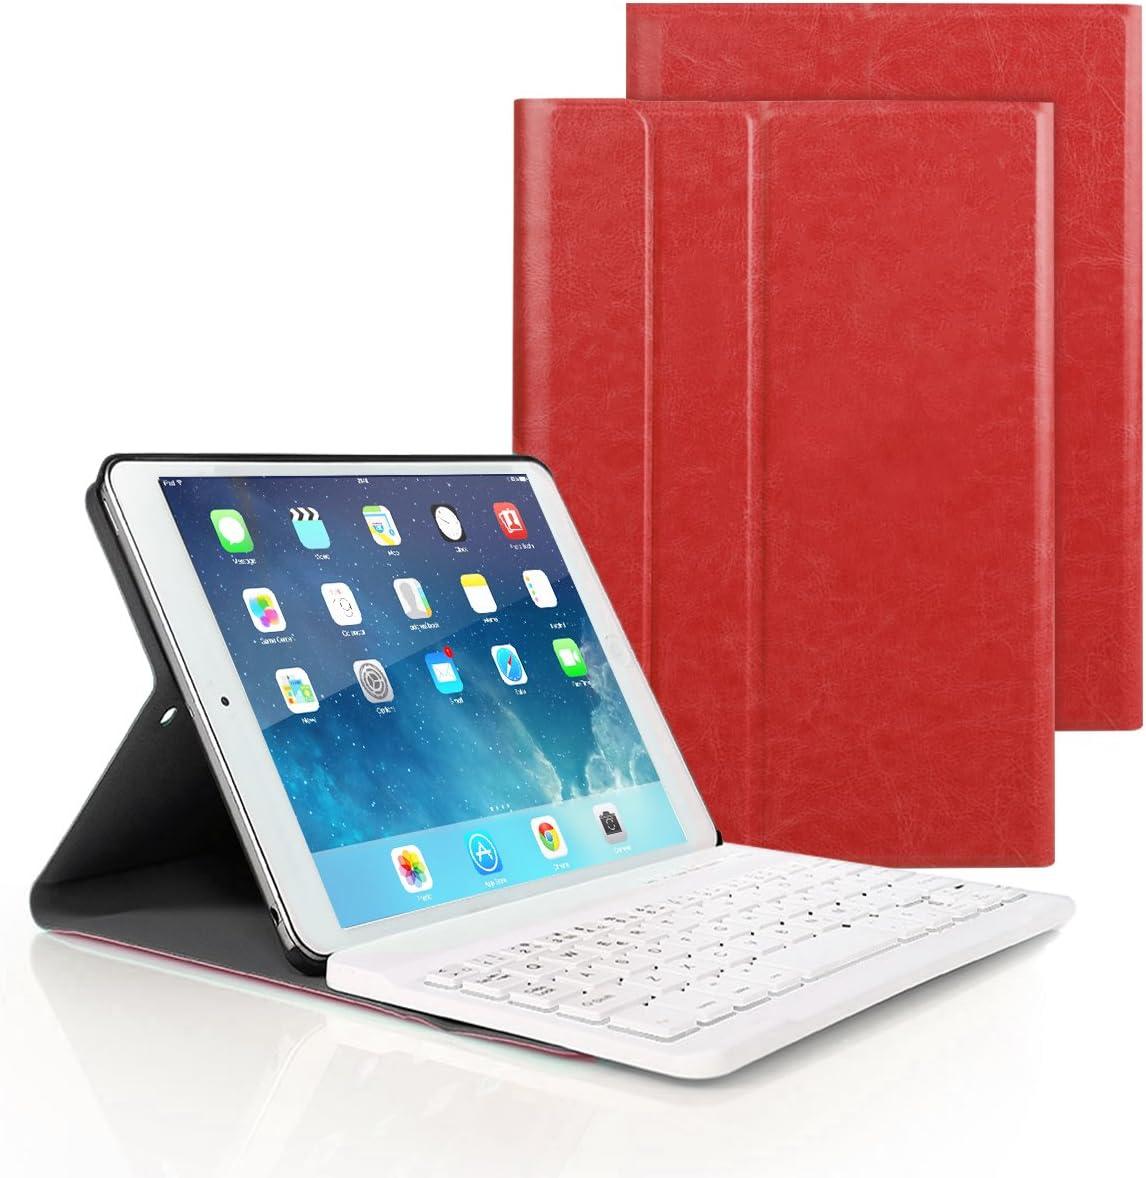 iPad 9.7 2017/2018, iPad Pro 9.7 n iPad Air 1/2 Funda de Teclado, iPad Funda Protectora con Teclado Inalambrico QWERTY Español para Nuevo Apple iPad 9.7 2017/2018, iPad Pro 9.7 n iPad Air 1/2 (Rojo)